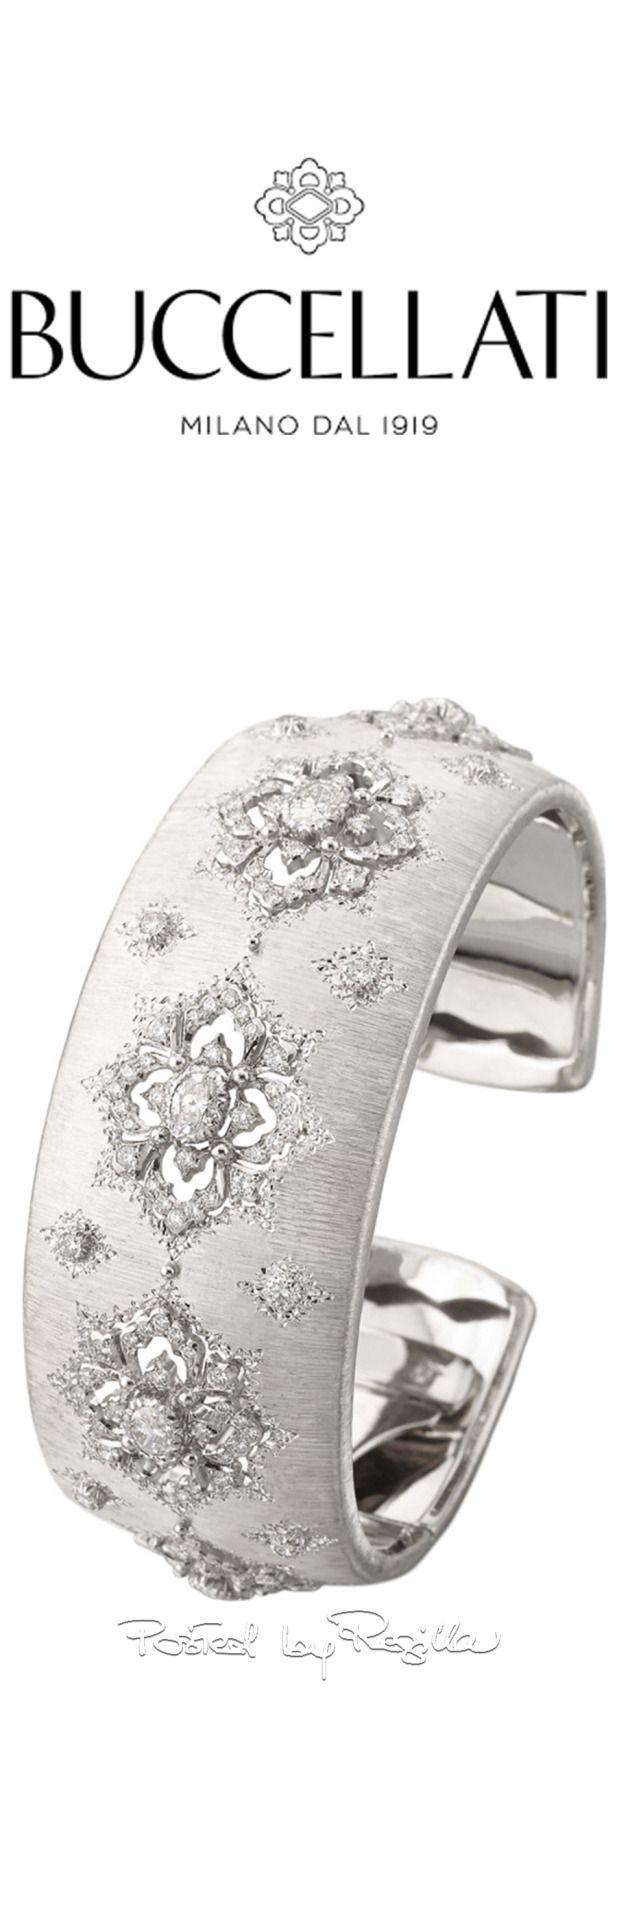 Braccialetto in oro bianco e diamanti di Buccellati.